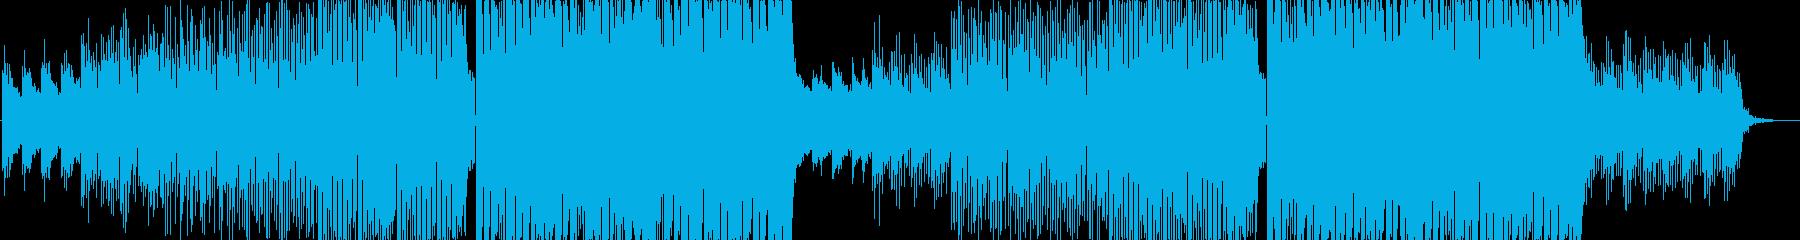 おしゃれでエモいFuture Bassの再生済みの波形